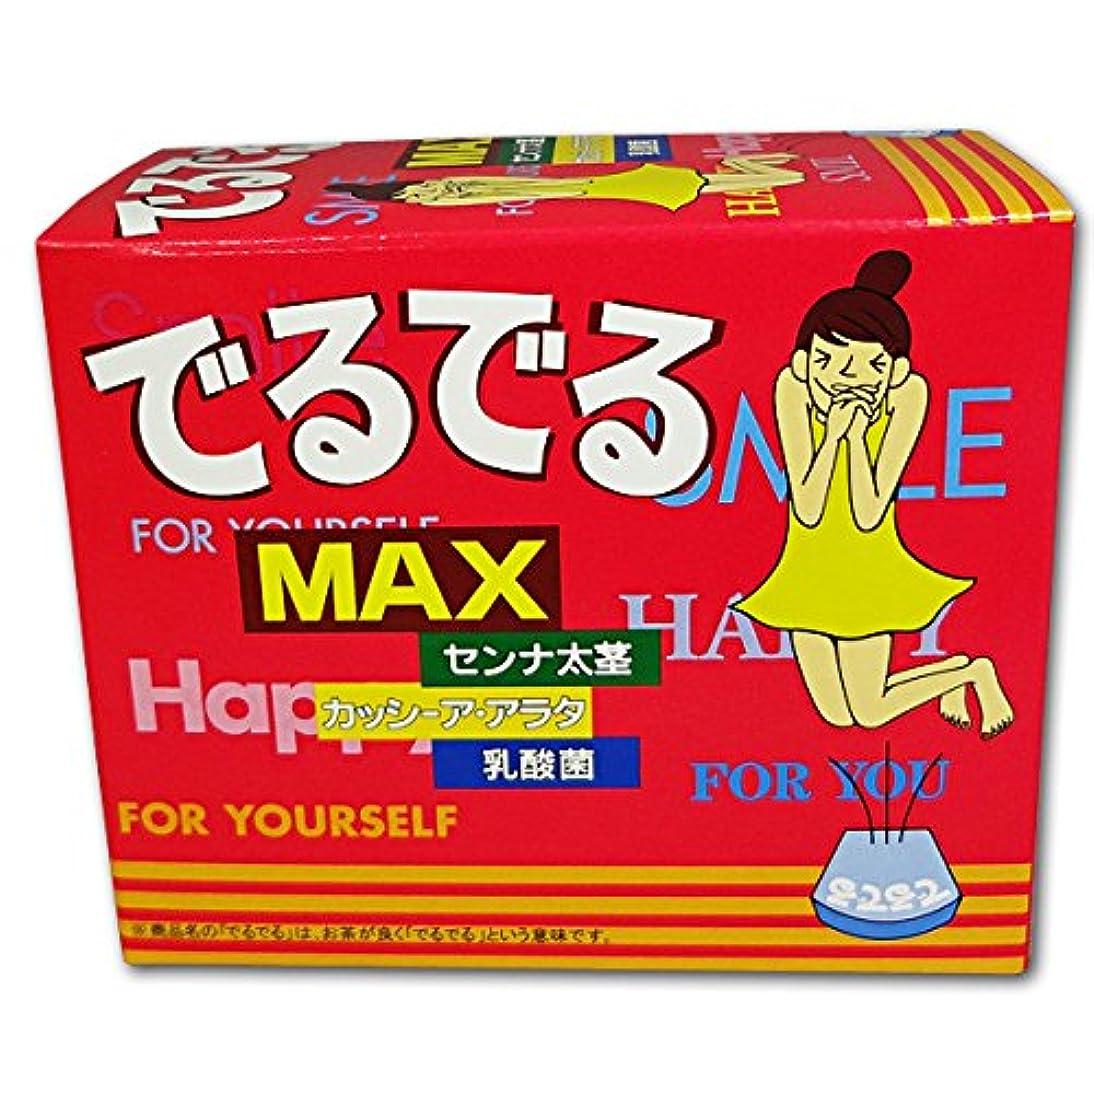 リスナー連帯納屋昭和 でるでる MAX 14包